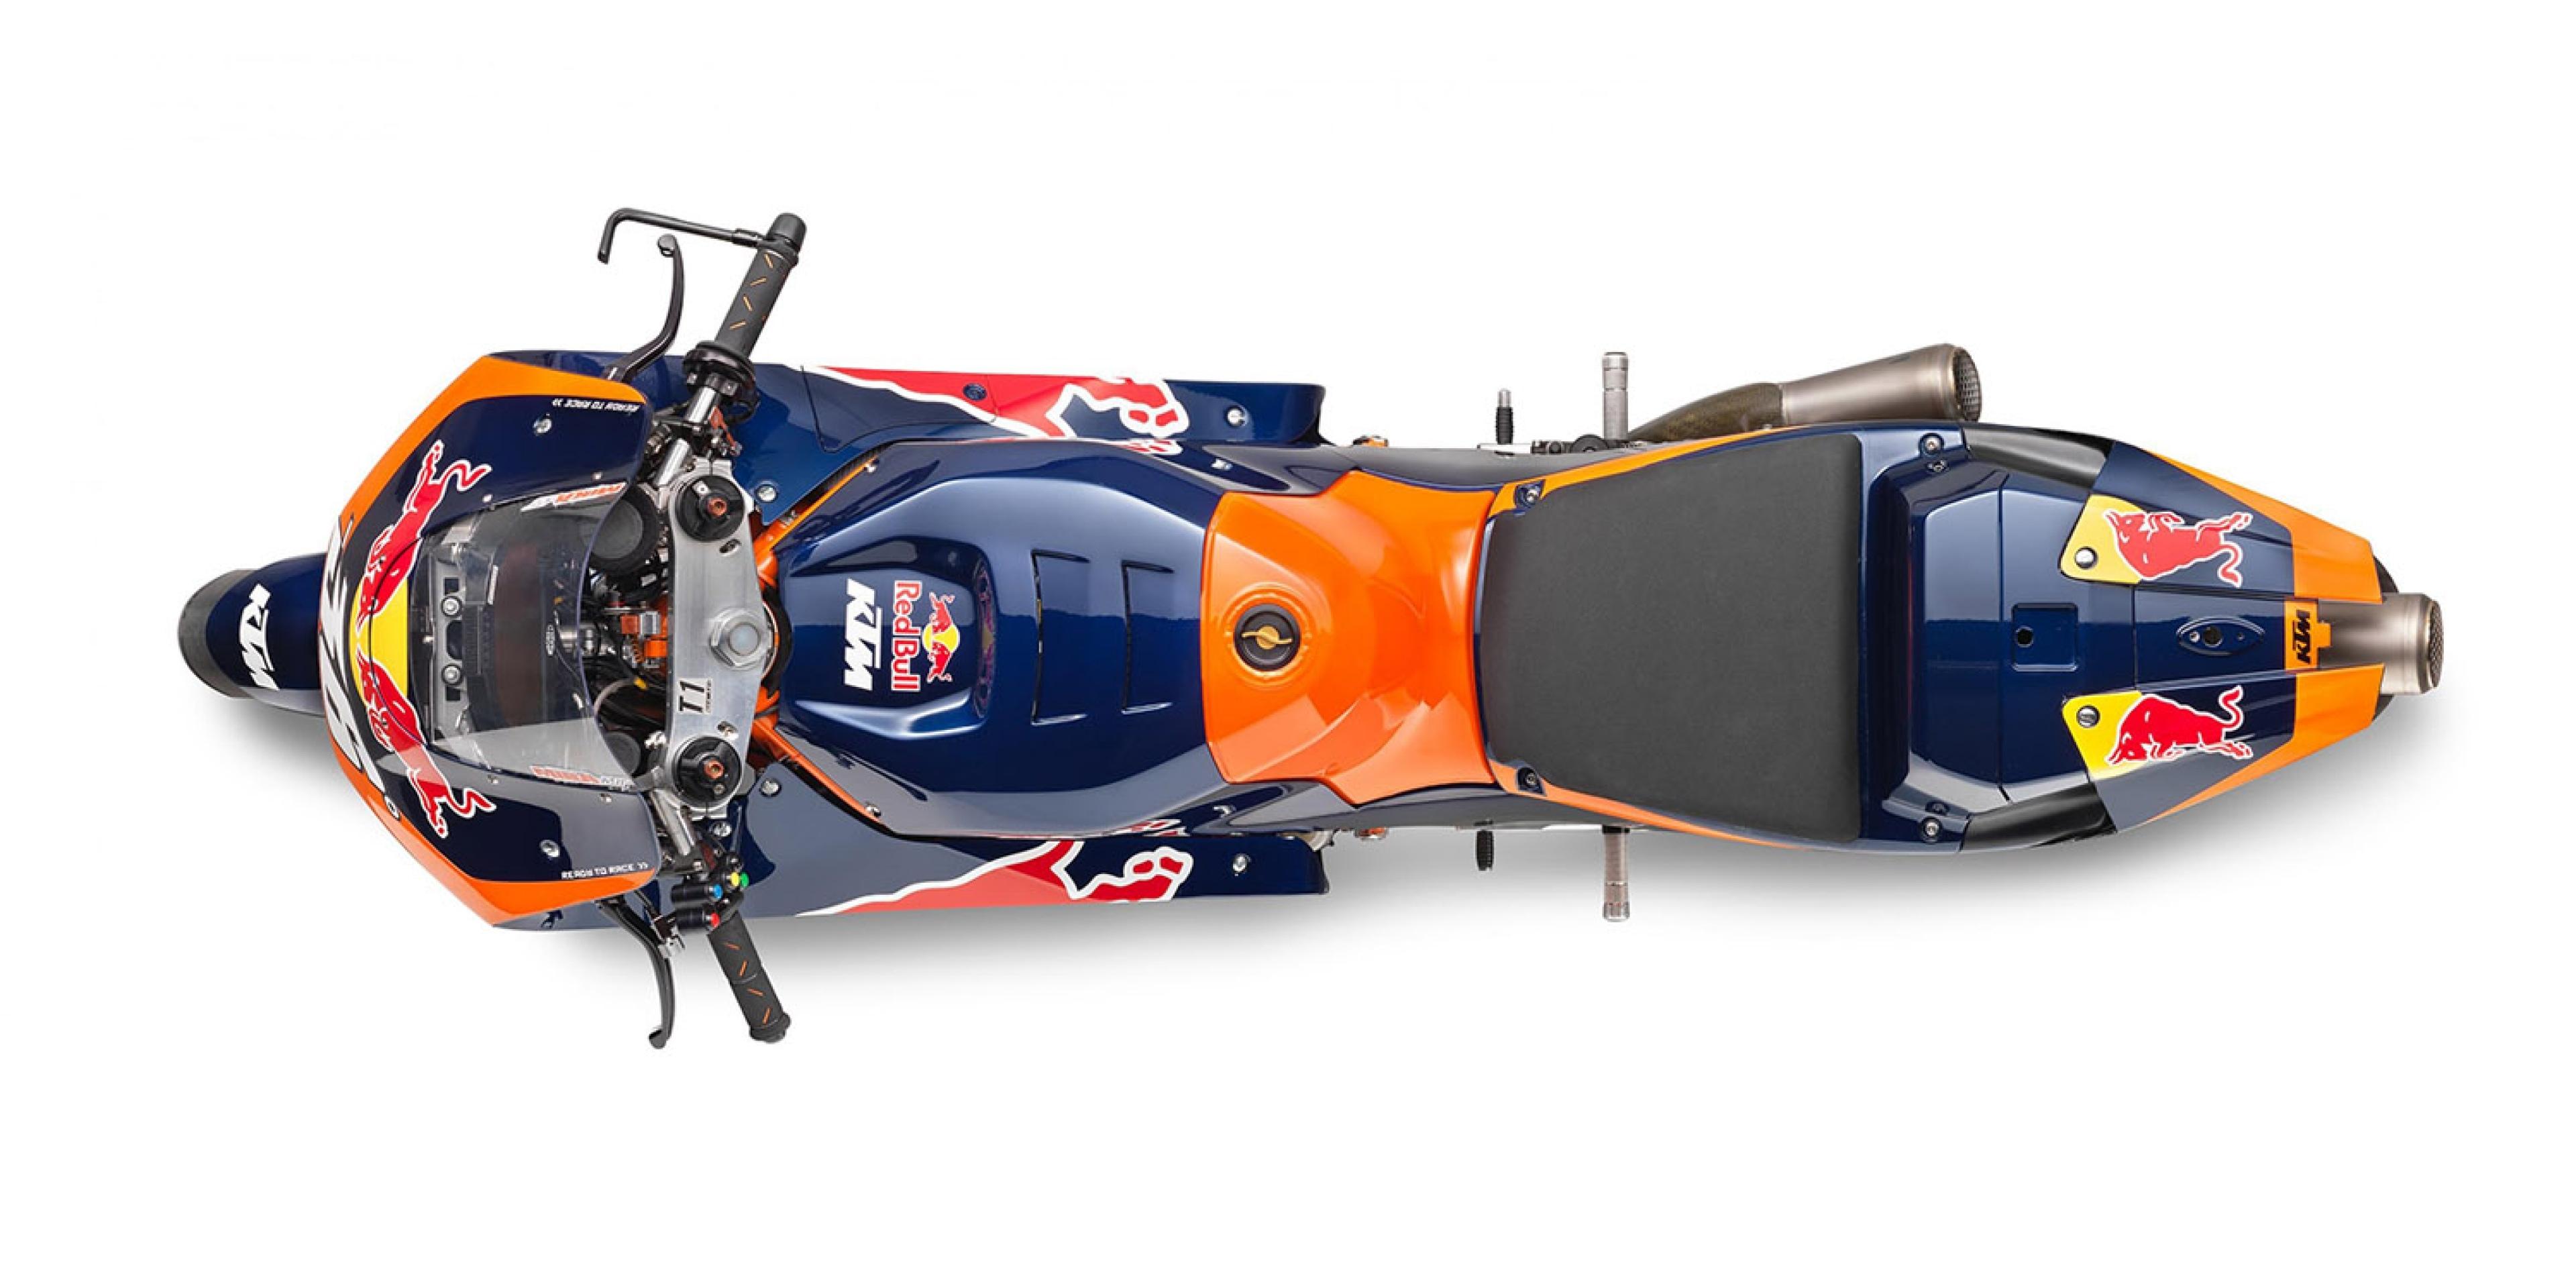 市售廠車再一彈。MotoGP廠車KTM RC16 2018年上市